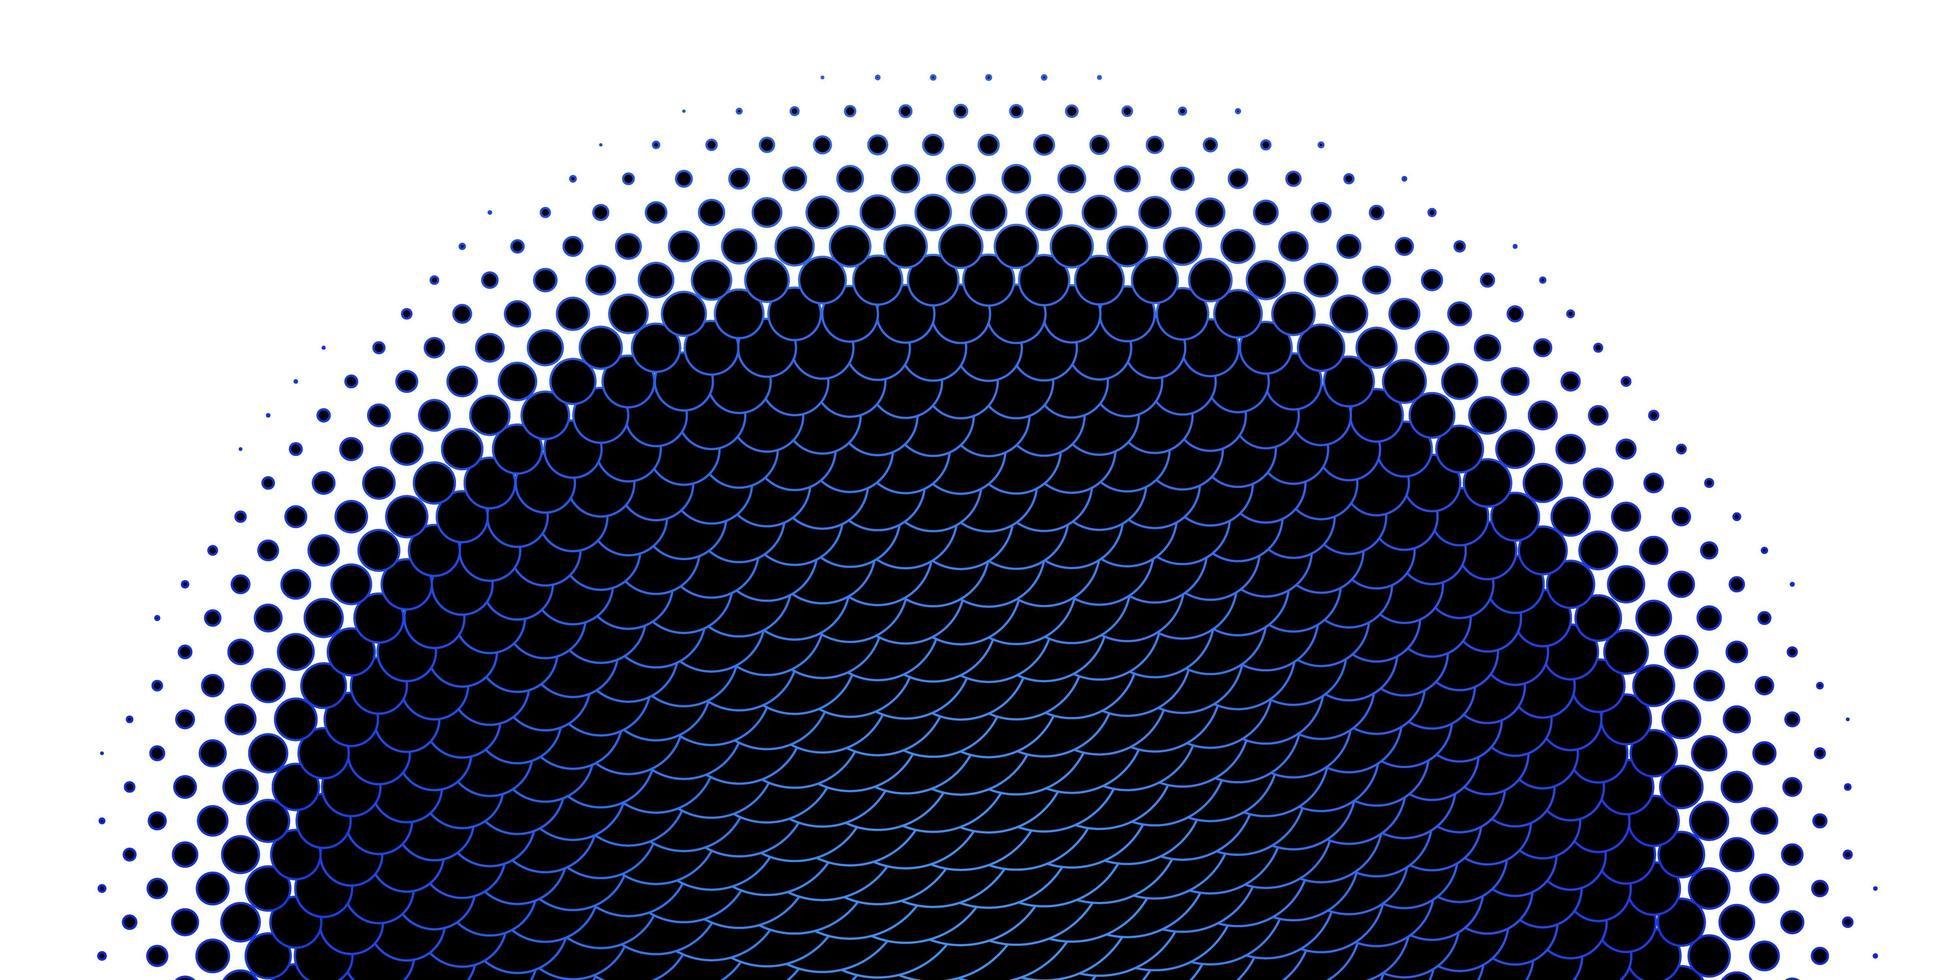 ljusblå konturerade cirklar mall vektor